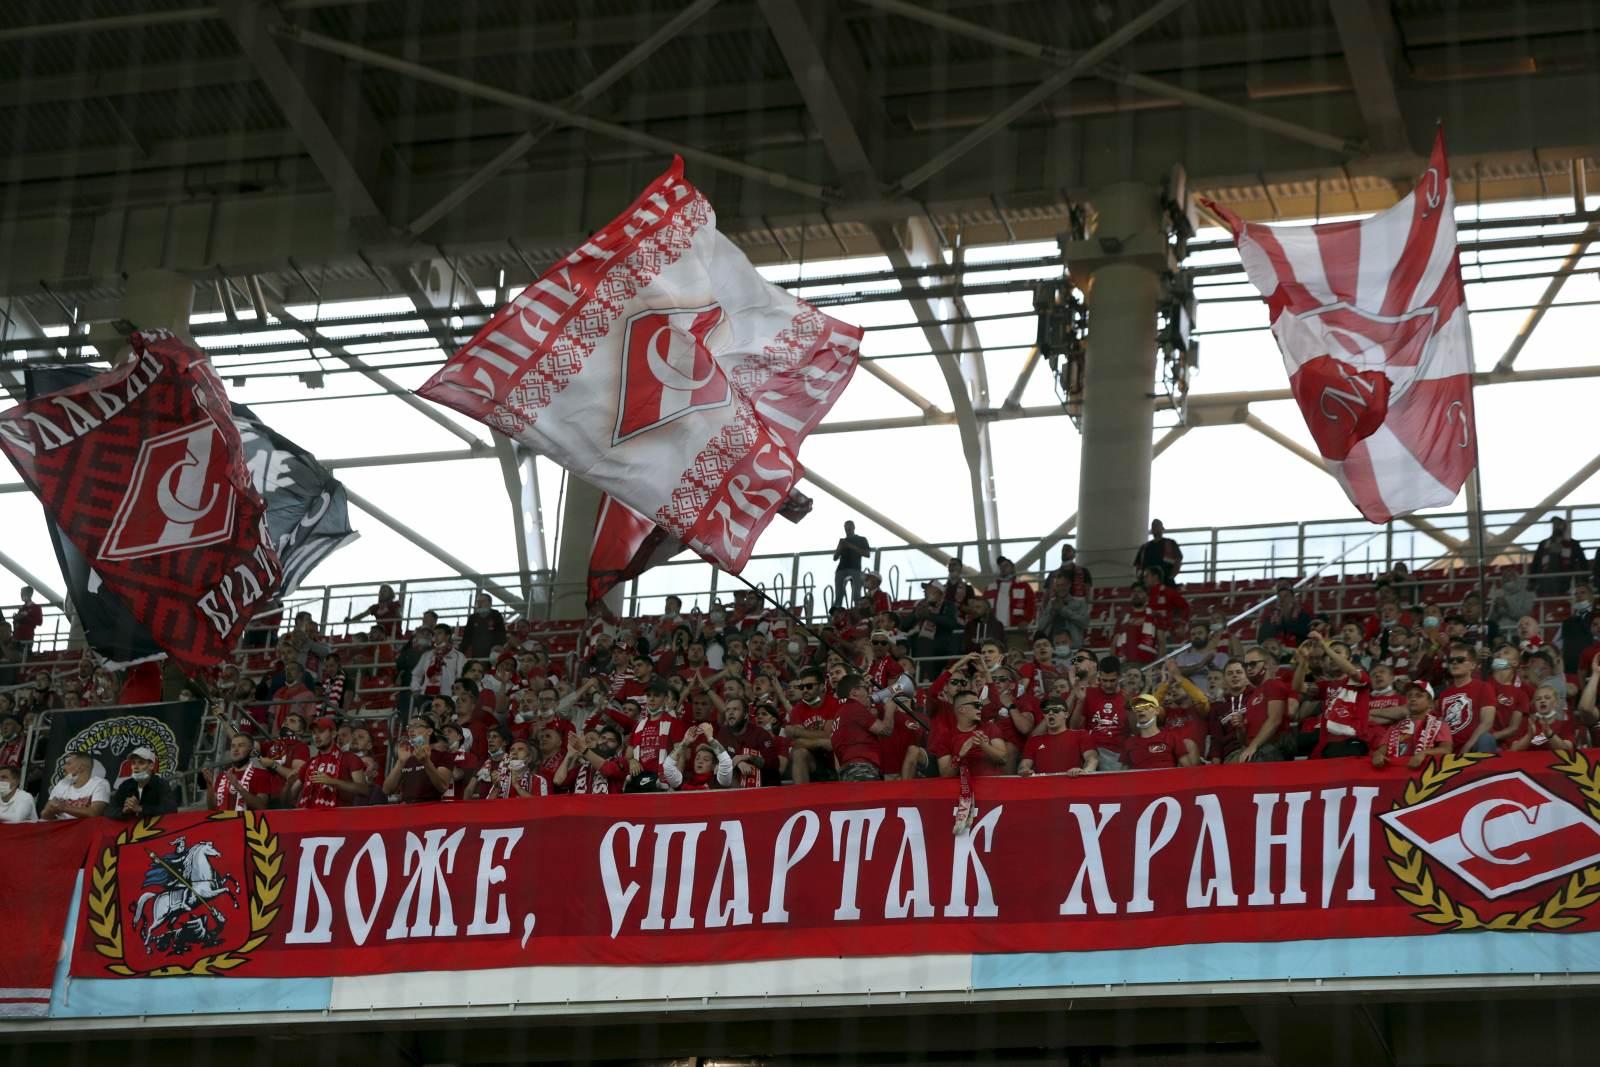 Сабитов: «Спартаковцы проявили себя как настоящие спартанцы»